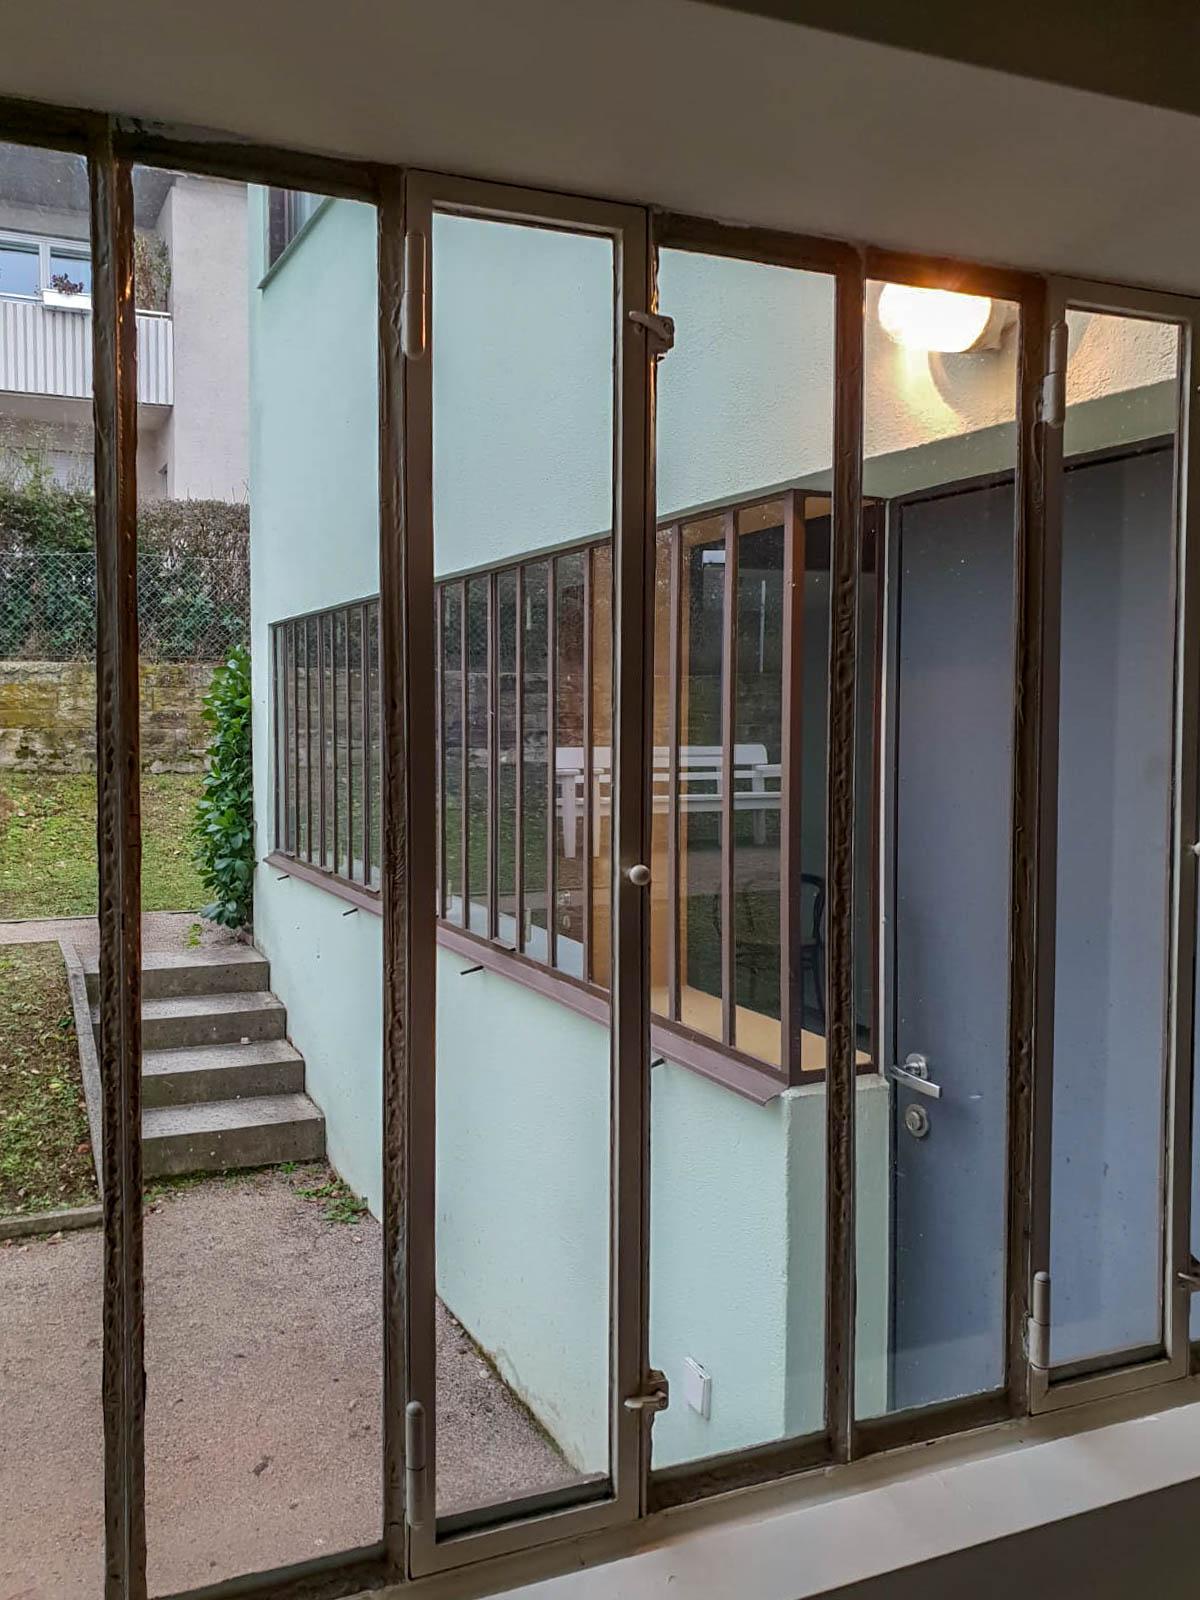 Doppelhaus, 1927. Architekten: Le Corbusier, Pierre Jeanneret